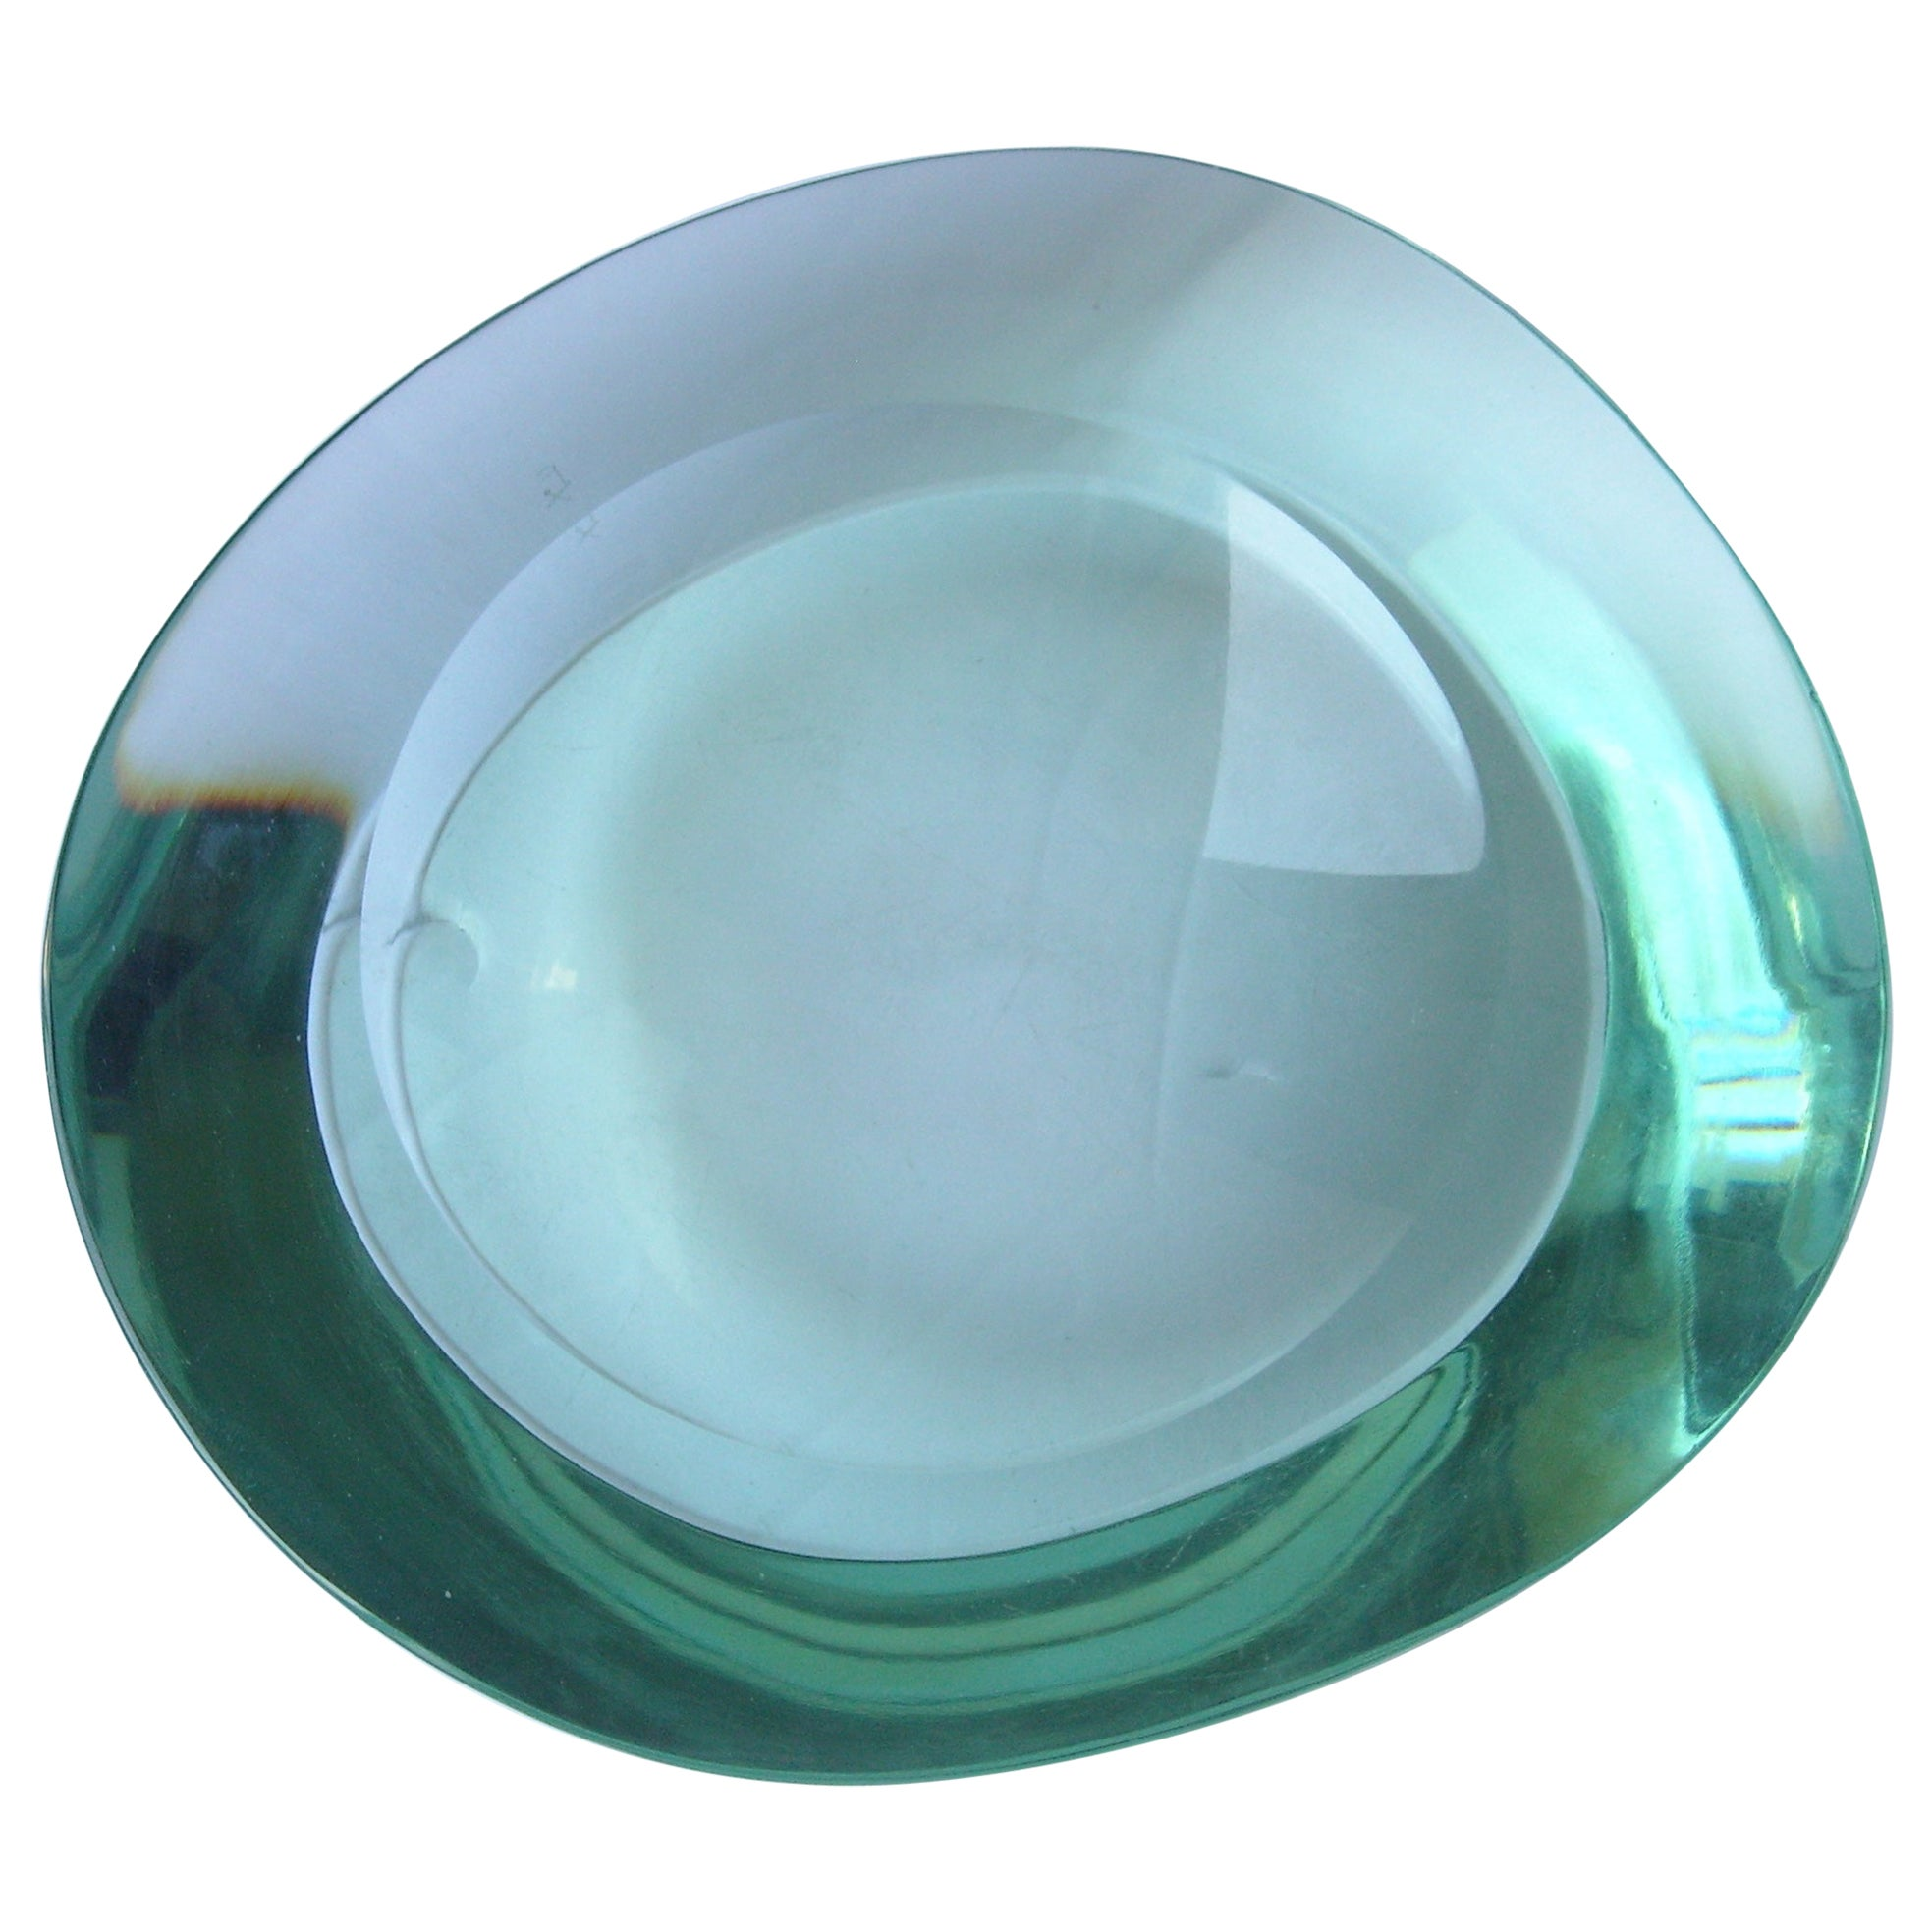 Fontana Arte Glass/ Crystal, Dish, Vide-Poche, Free Form Shape Signed FX